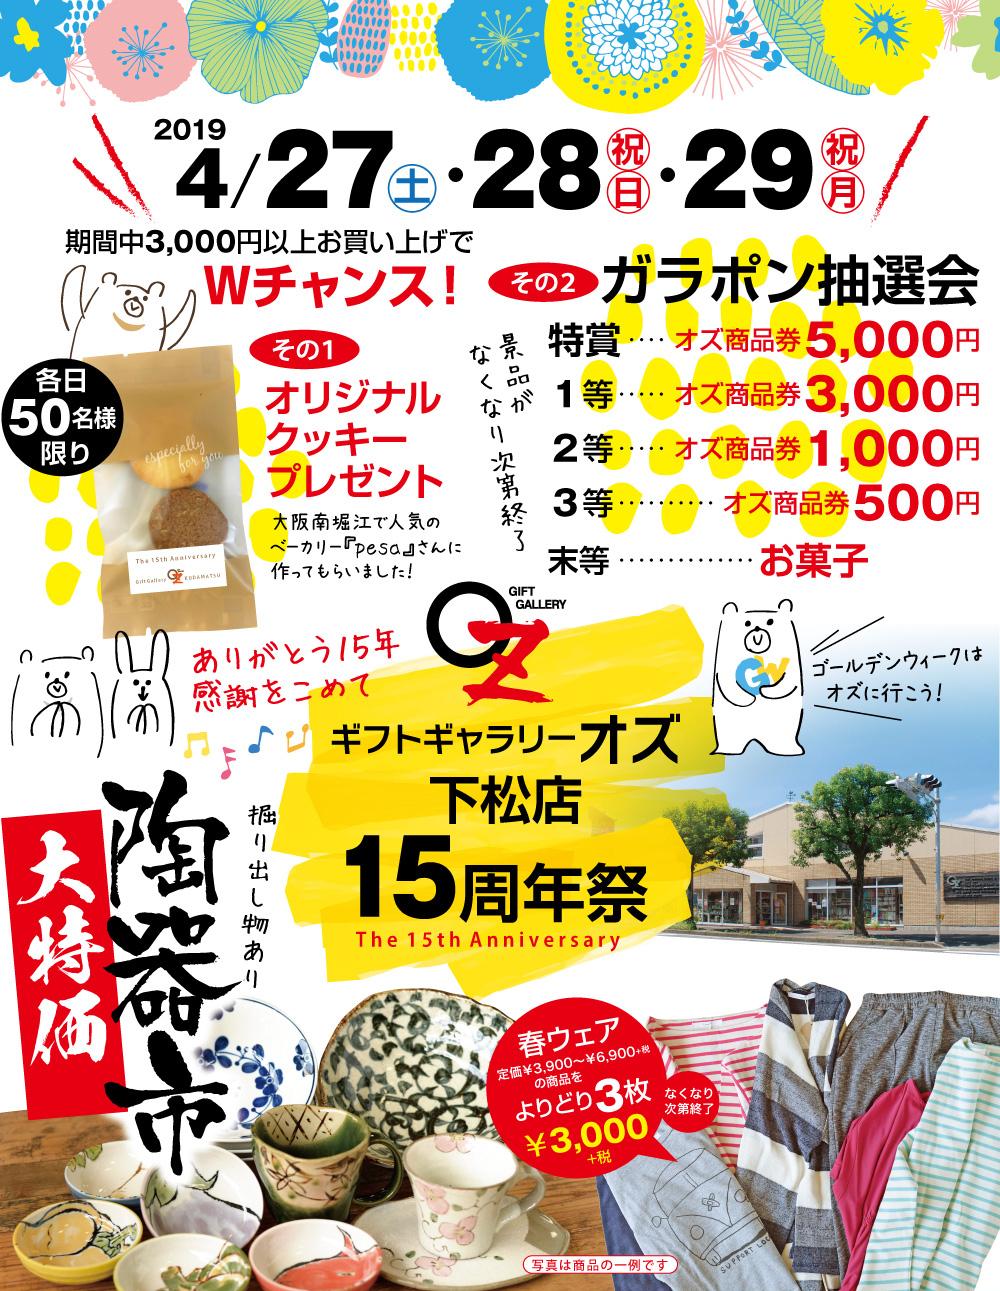 山口店20周年祭&下松店15周年祭 イメージ